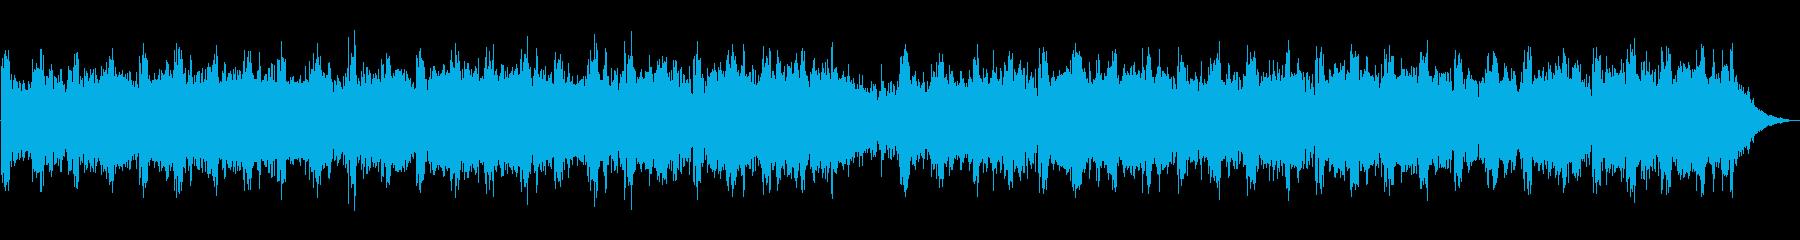 静かで近未来的なパズルゲーム風BGMの再生済みの波形